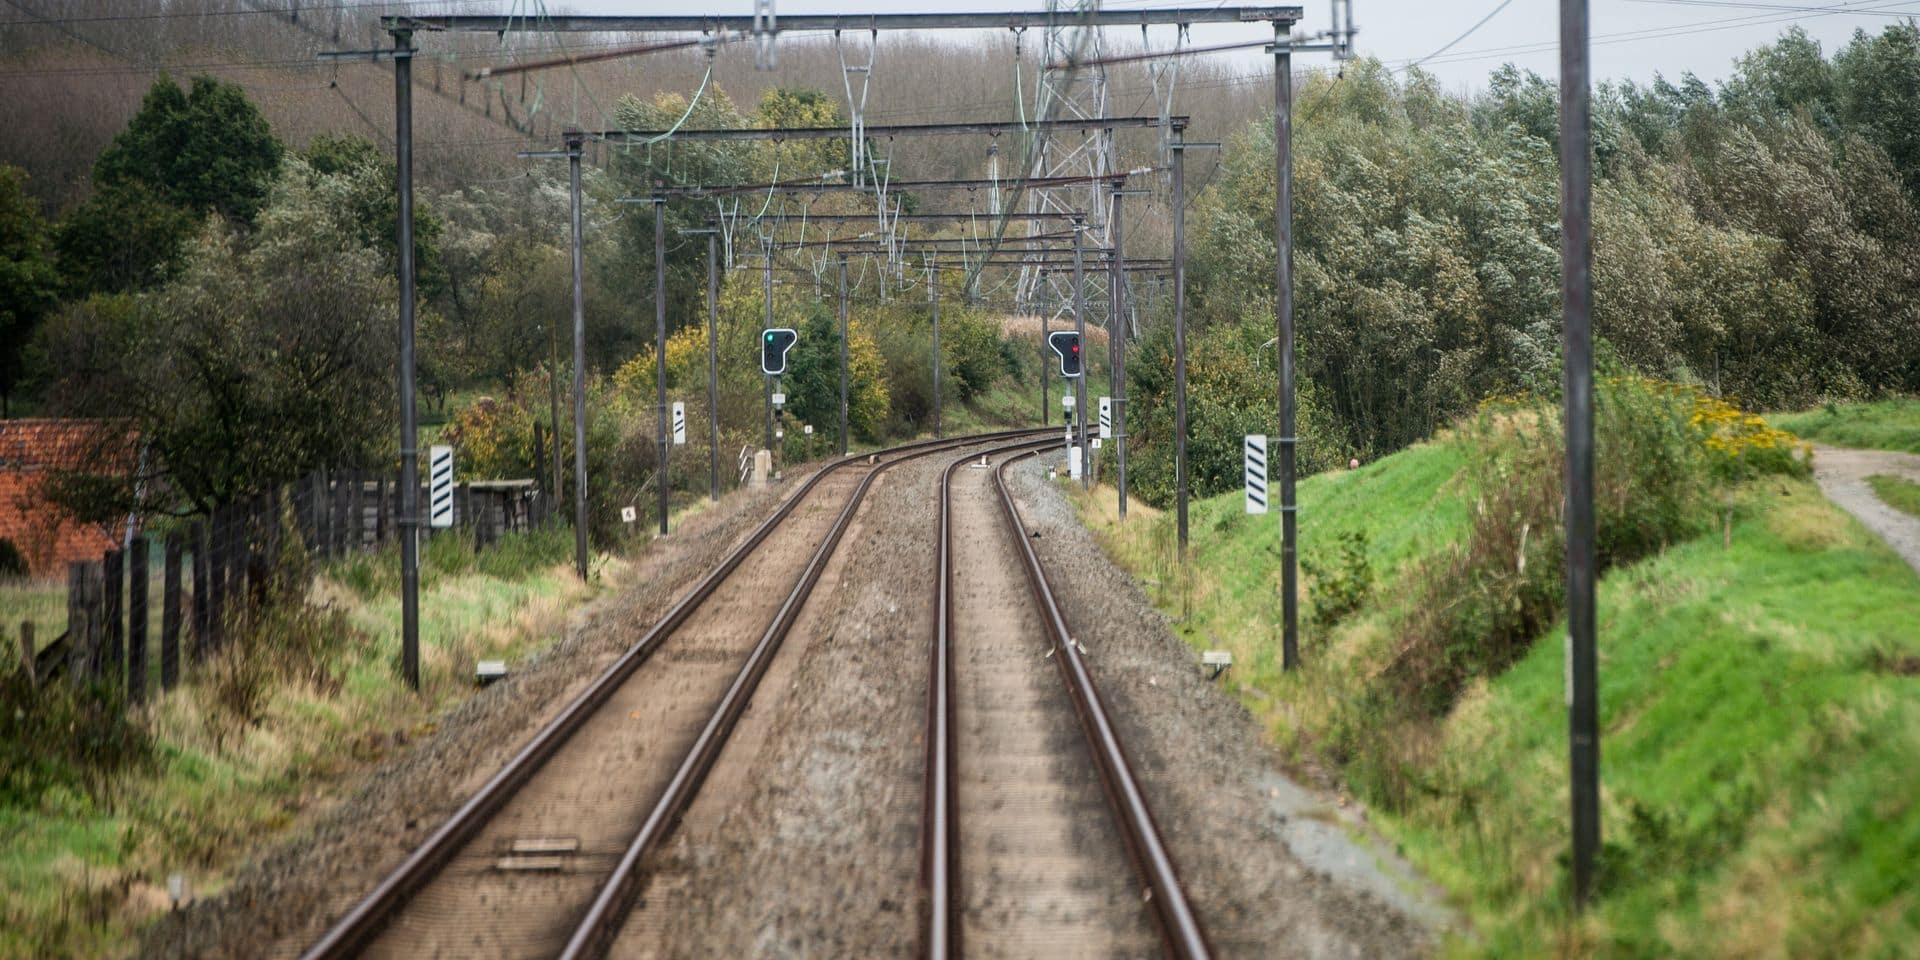 Un conducteur de train estime avoir assez travaillé et abandonne son chargement